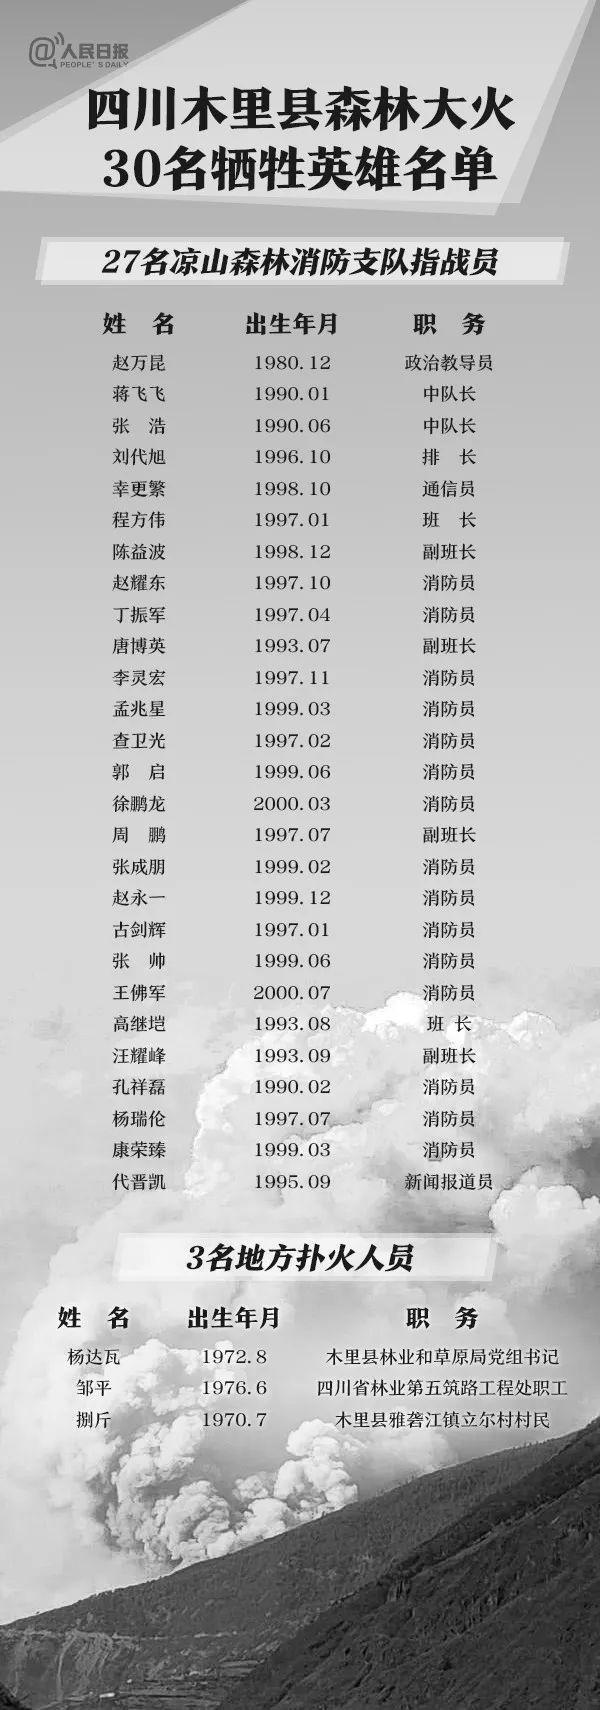 凉山火灾救援人员牺牲名单及身份资料公布:包括县林业局长 四川